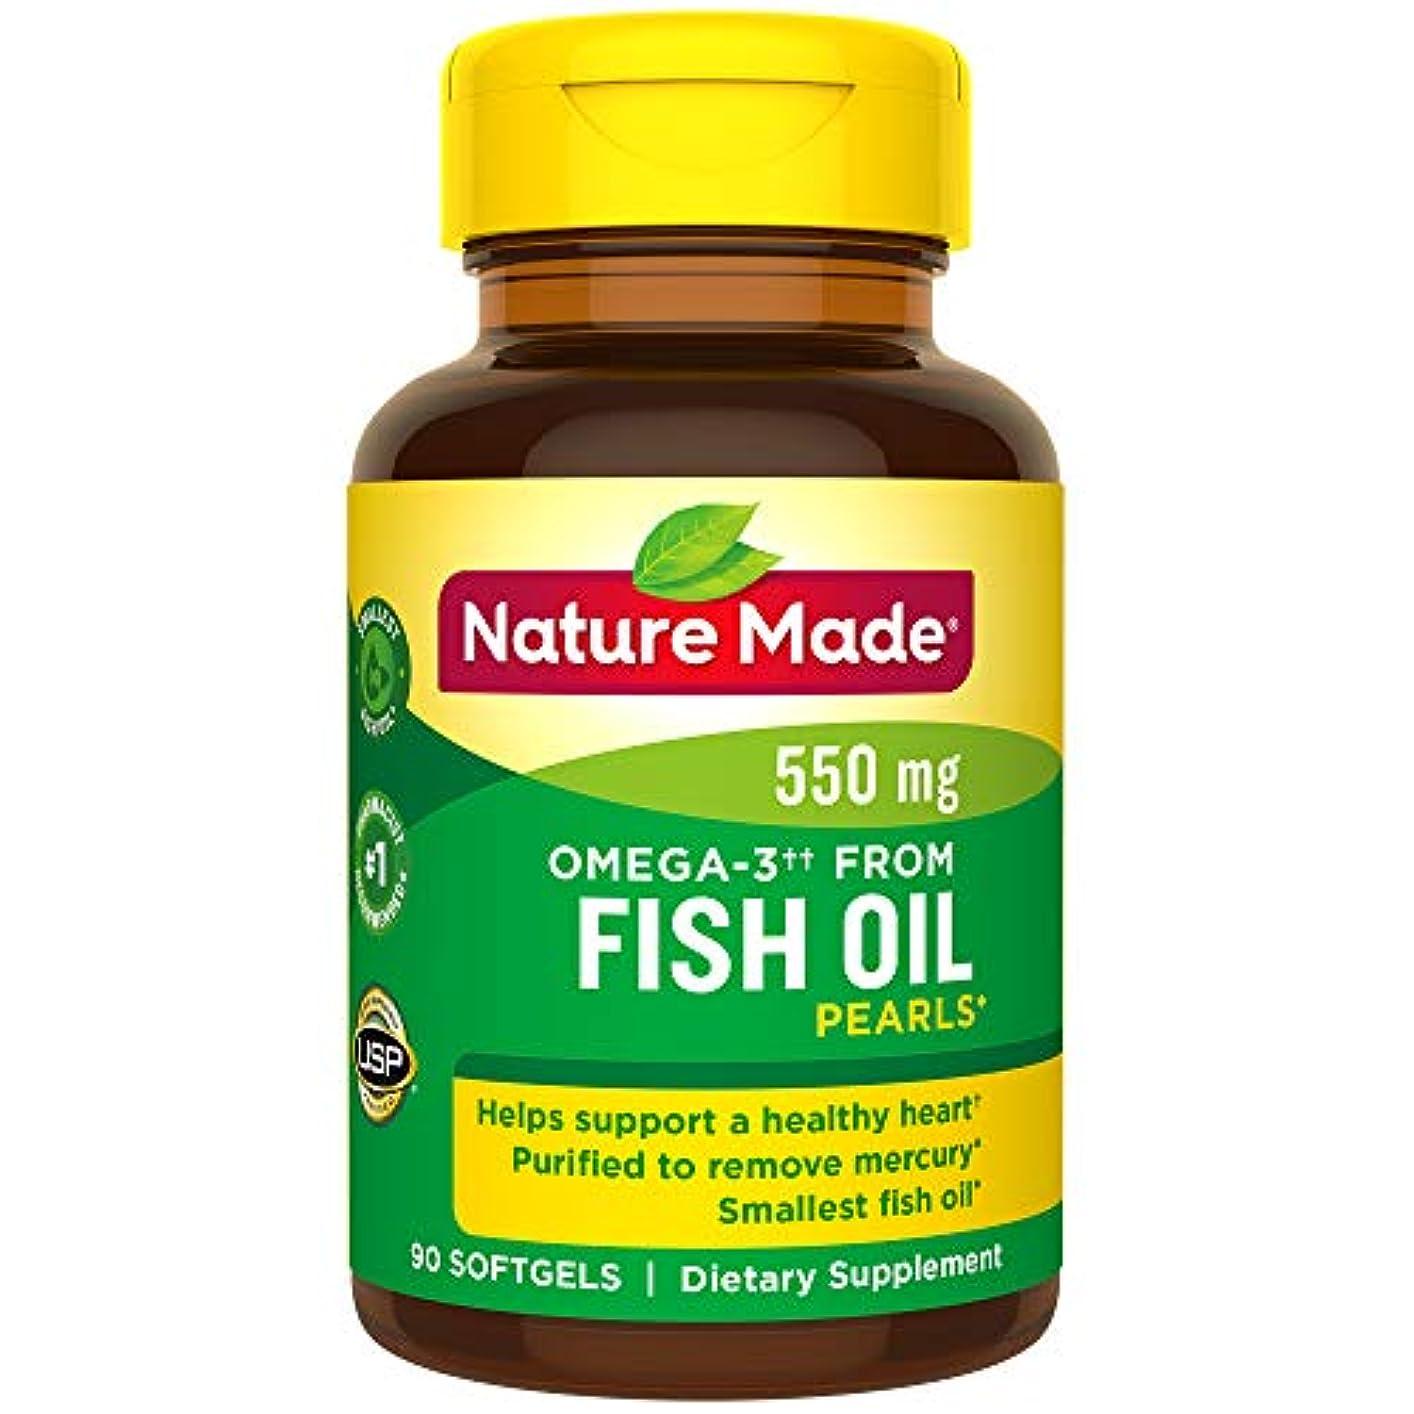 多くの危険がある状況テクニカルフラフープNature Made Fish Oil Pearls 500 Mg Softgel, 90 Count 海外直送品